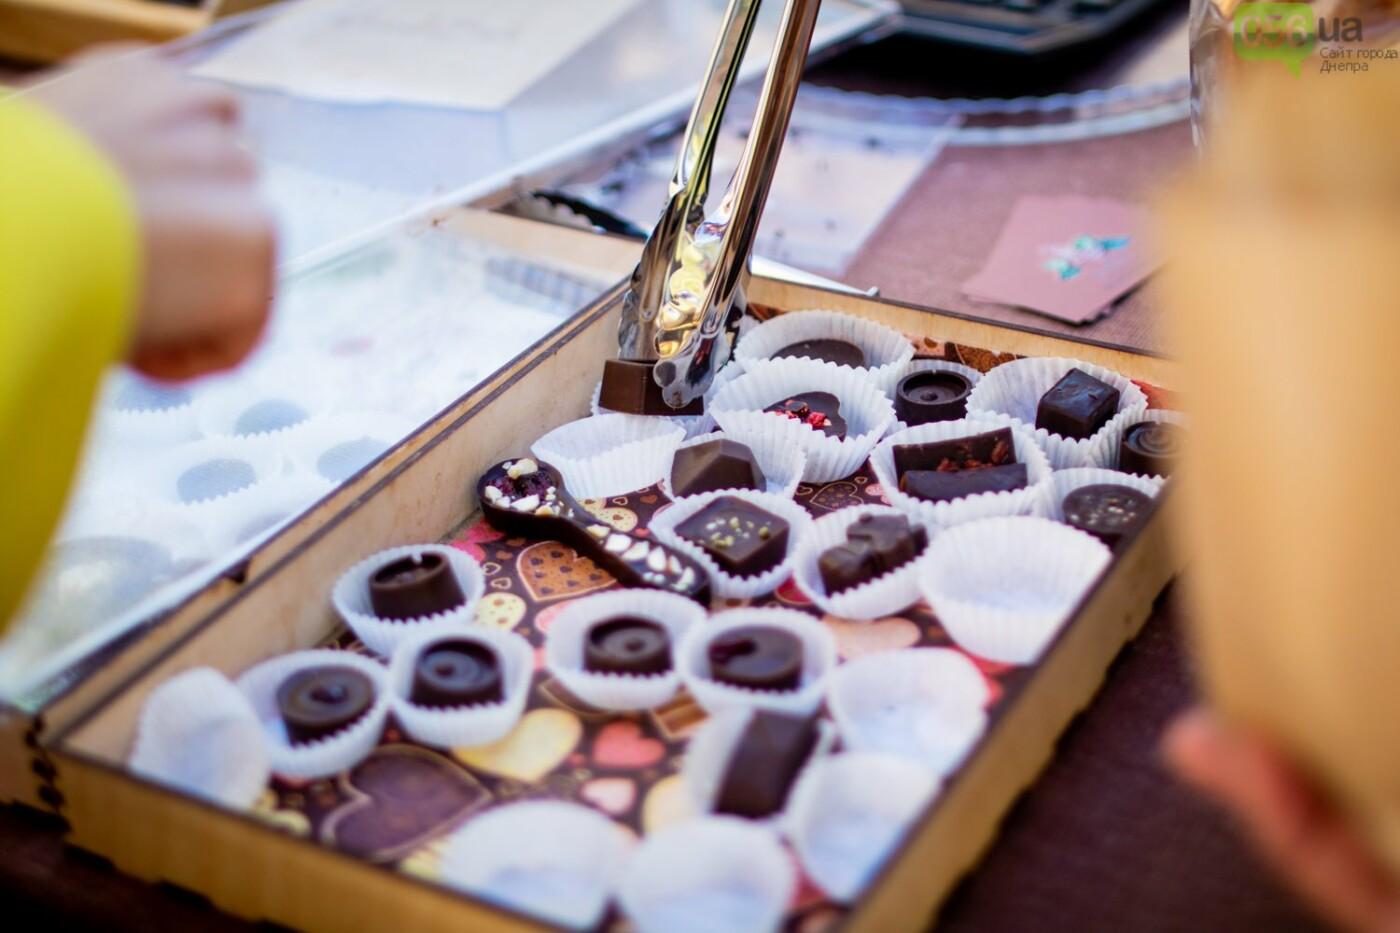 Кофейные ароматы, шоколад и солнце: как в Днепре прошел фестиваль «Осень с привкусом кофе», - ФОТОРЕПОРТАЖ, фото-10